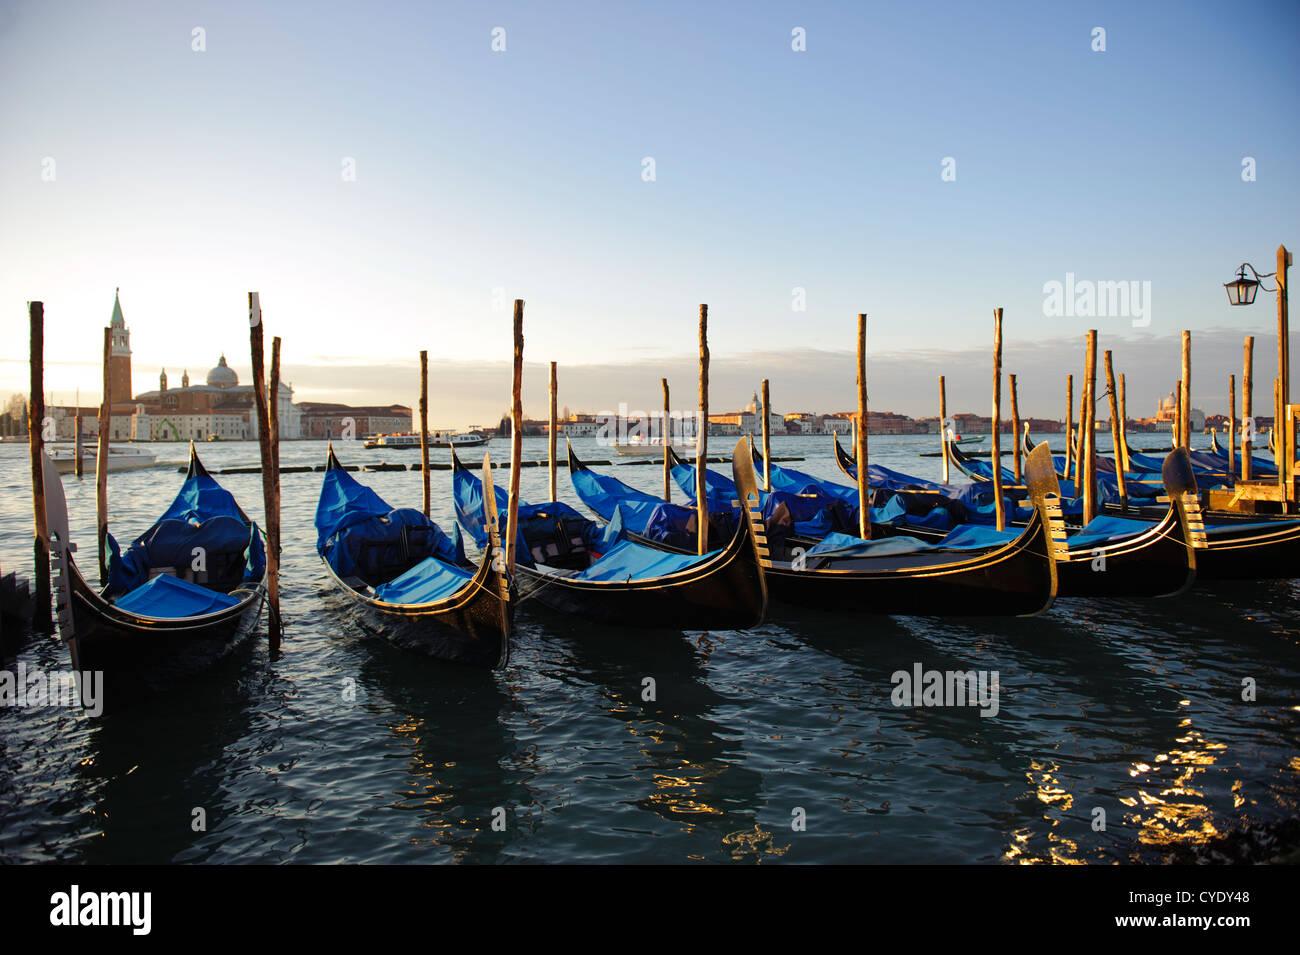 Gondolas moored in front of the Basilica of San Giorgio Maggiore, Venice, Veneto, Italy. Stock Photo